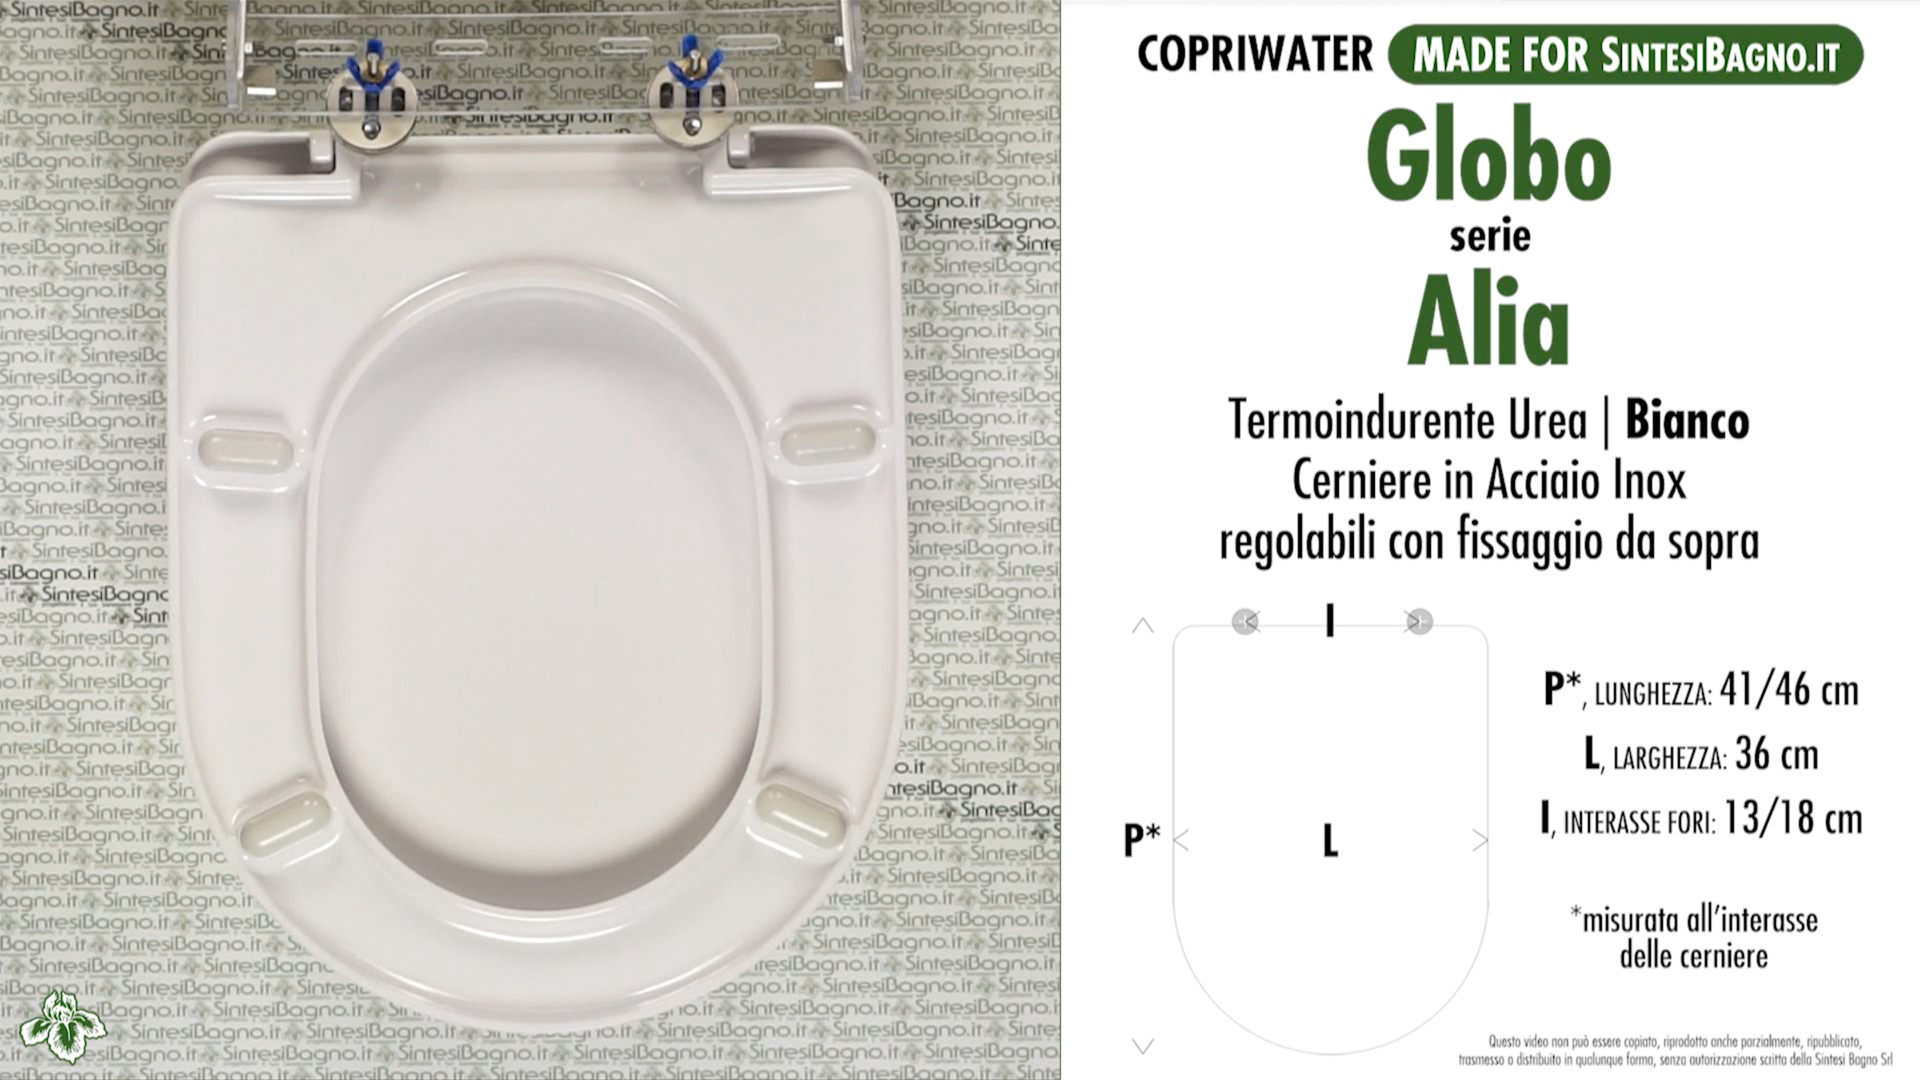 Schede tecniche misure copriwater globo serie alia for Copriwater globo serie lei